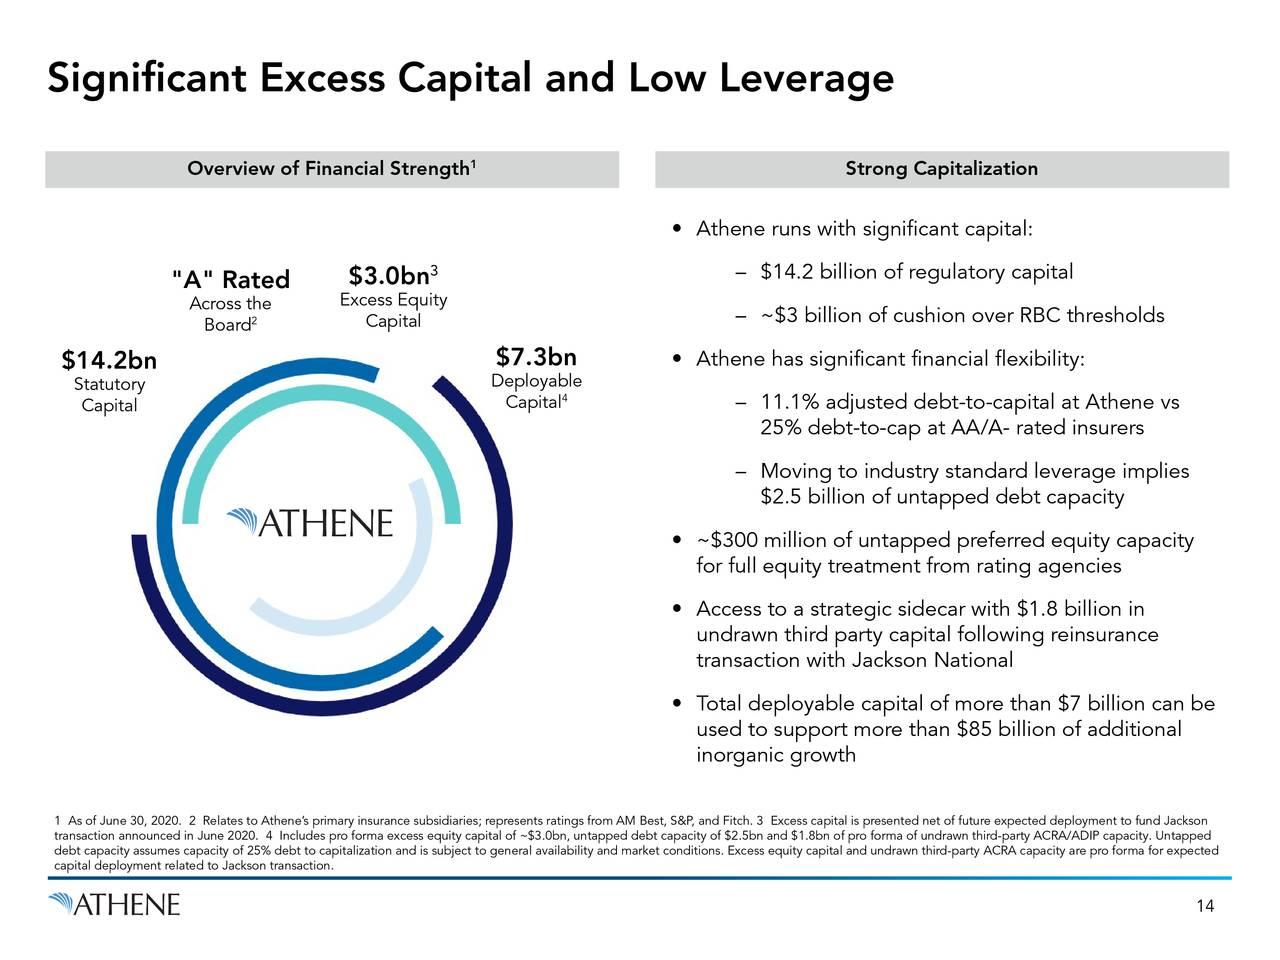 Exceso de capital significativo y bajo apalancamiento